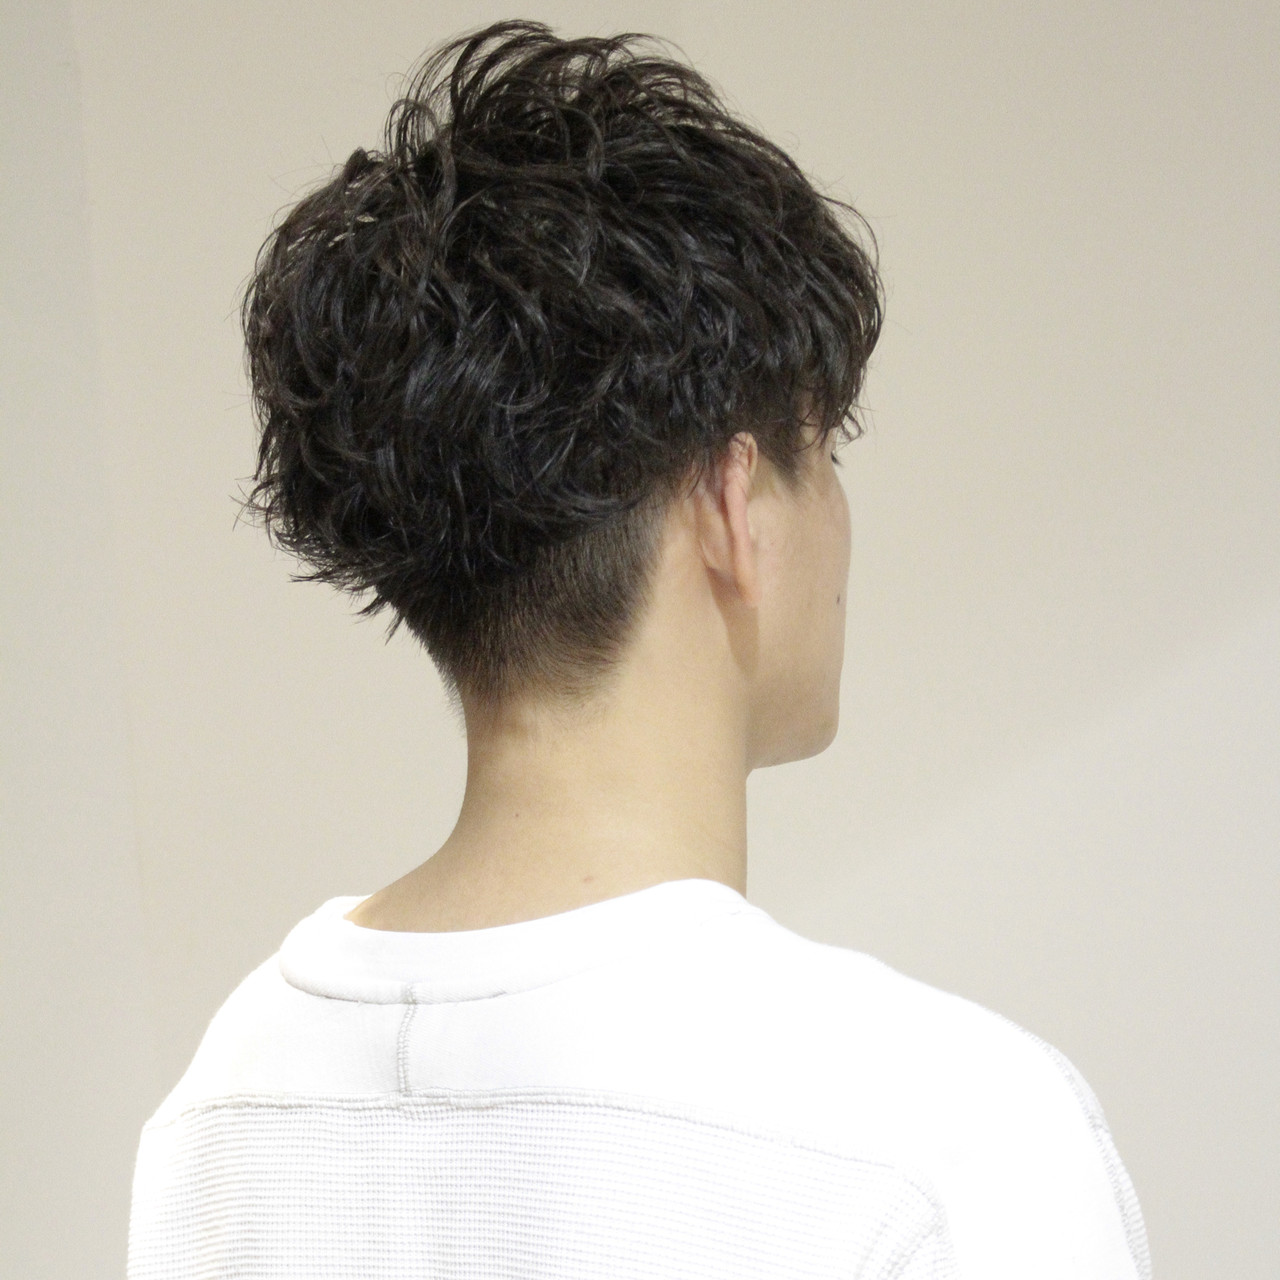 メンズカット メンズパーマ メンズ ショート ヘアスタイルや髪型の写真・画像 | 関 / Boa sorte